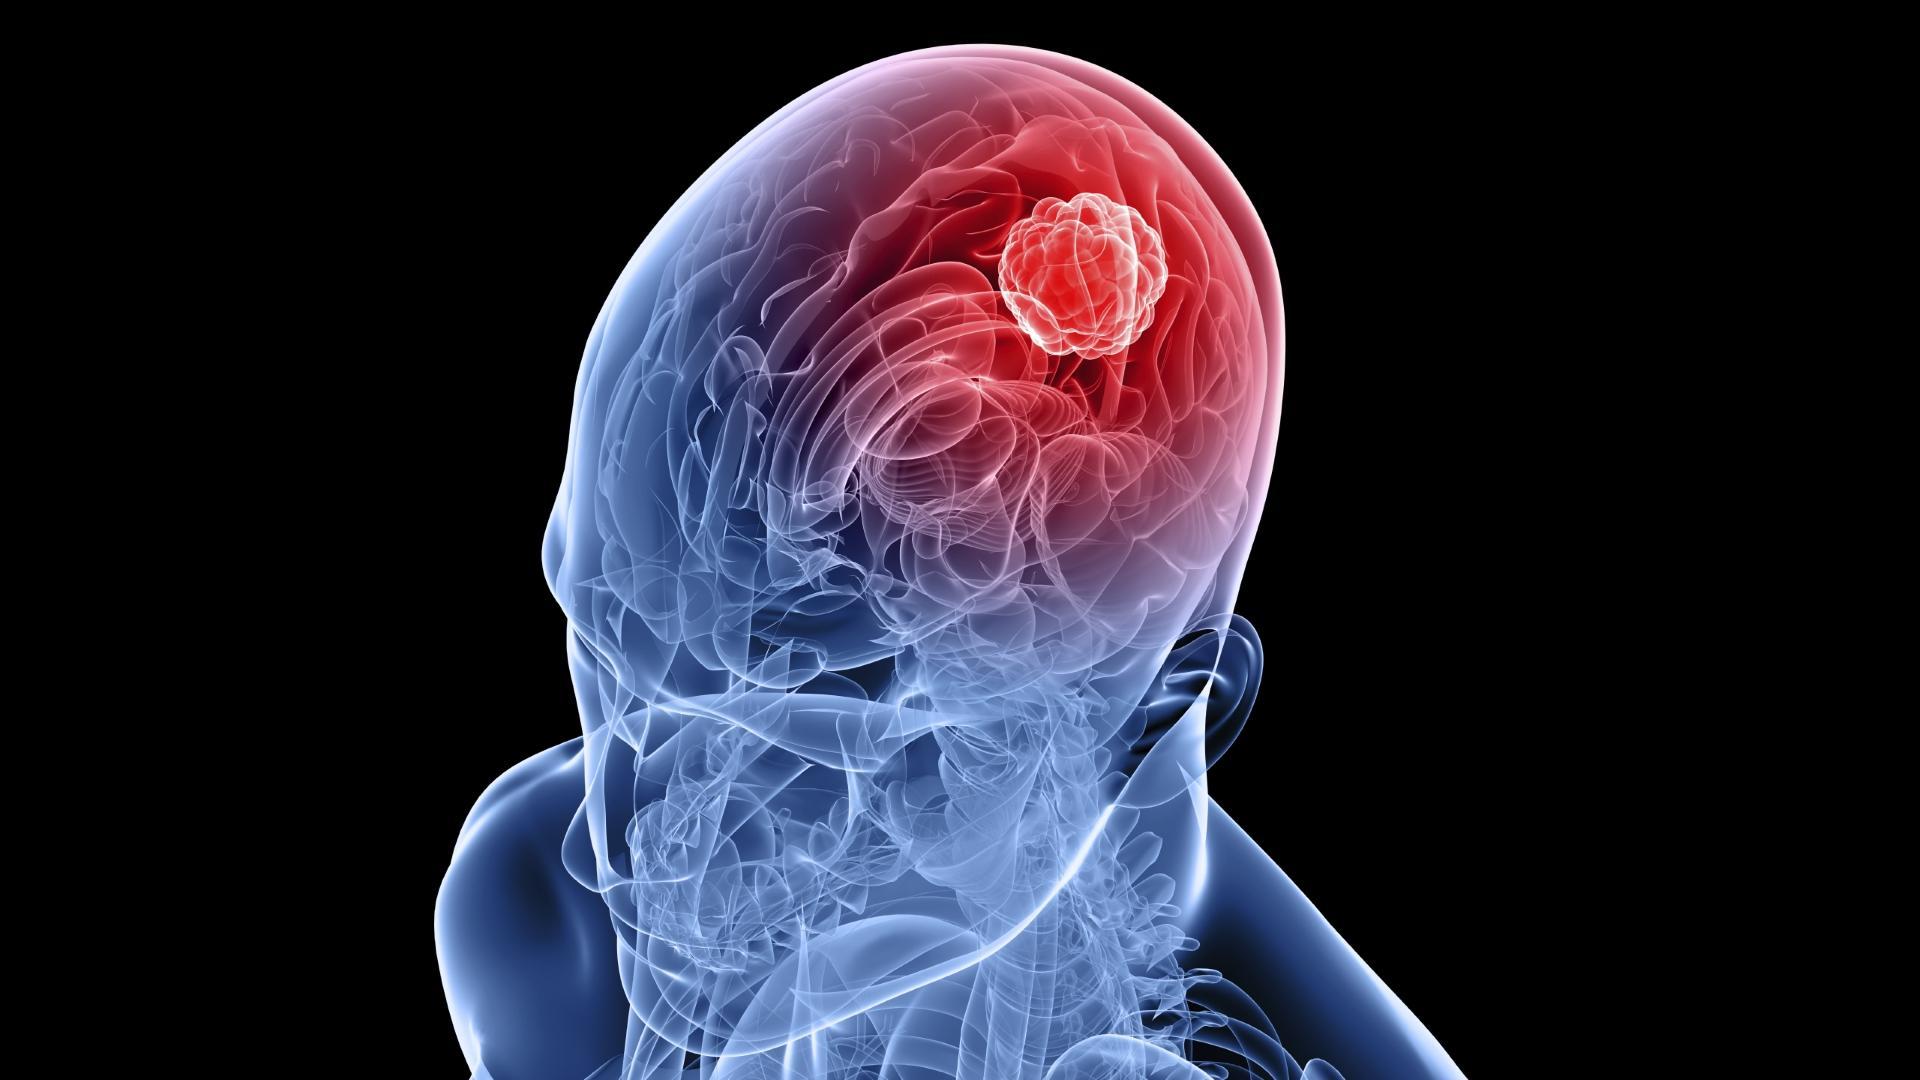 Медики победили опухоль мозга препаратом от малярии